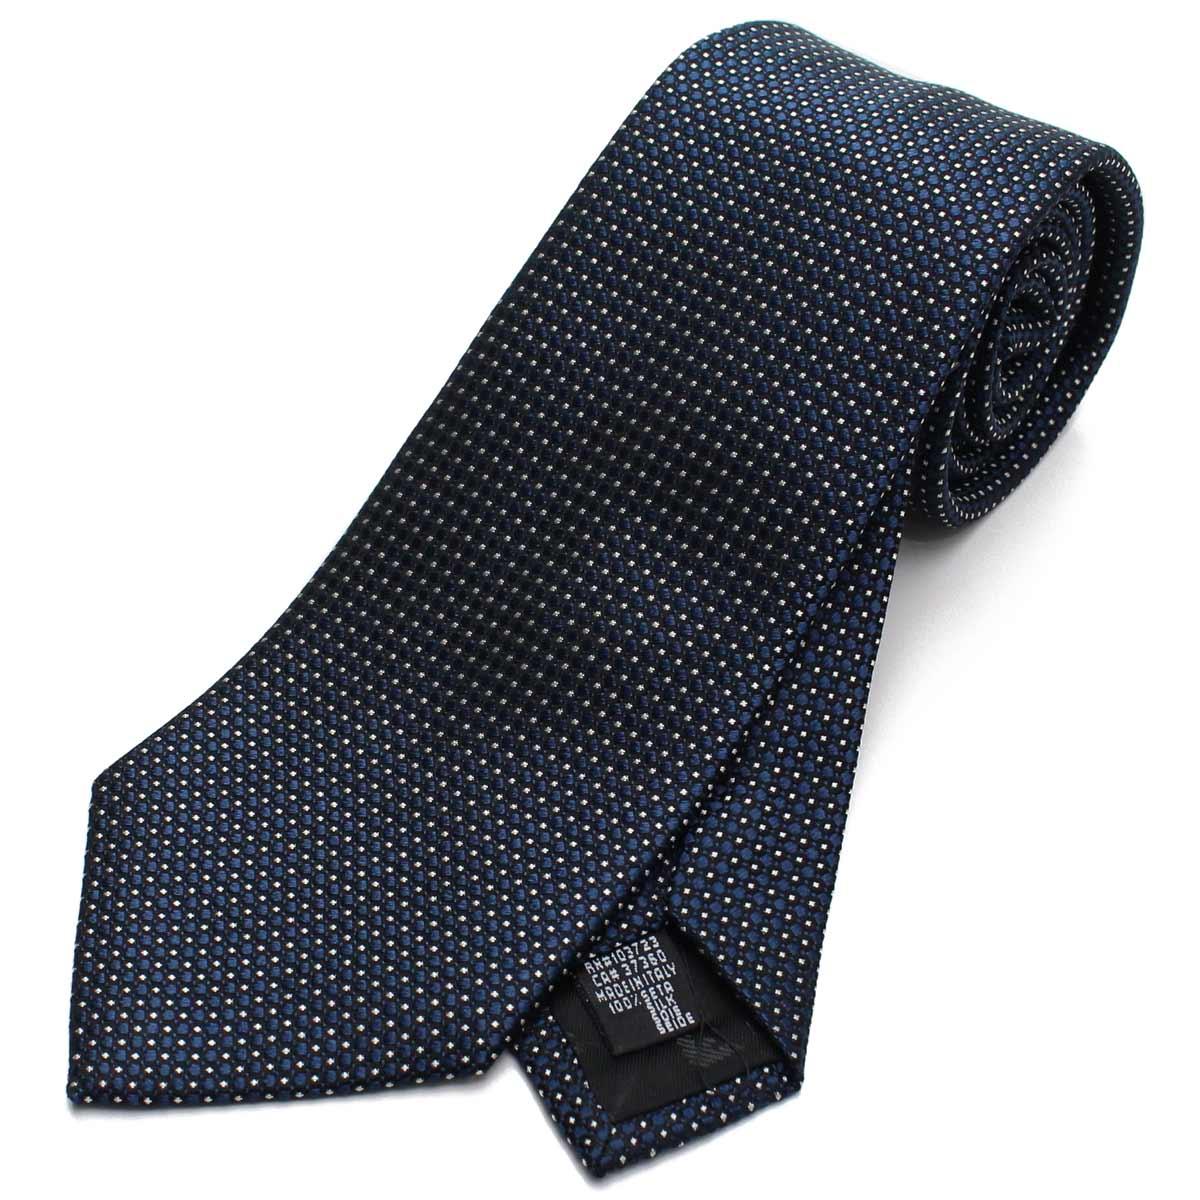 エンポリオ アルマーニ EMPORIO ARMANI ドット柄 シルク ネクタイ レギュラータイ 340182 8A314 01537 COASTAL BLUE ブルー系 メンズ